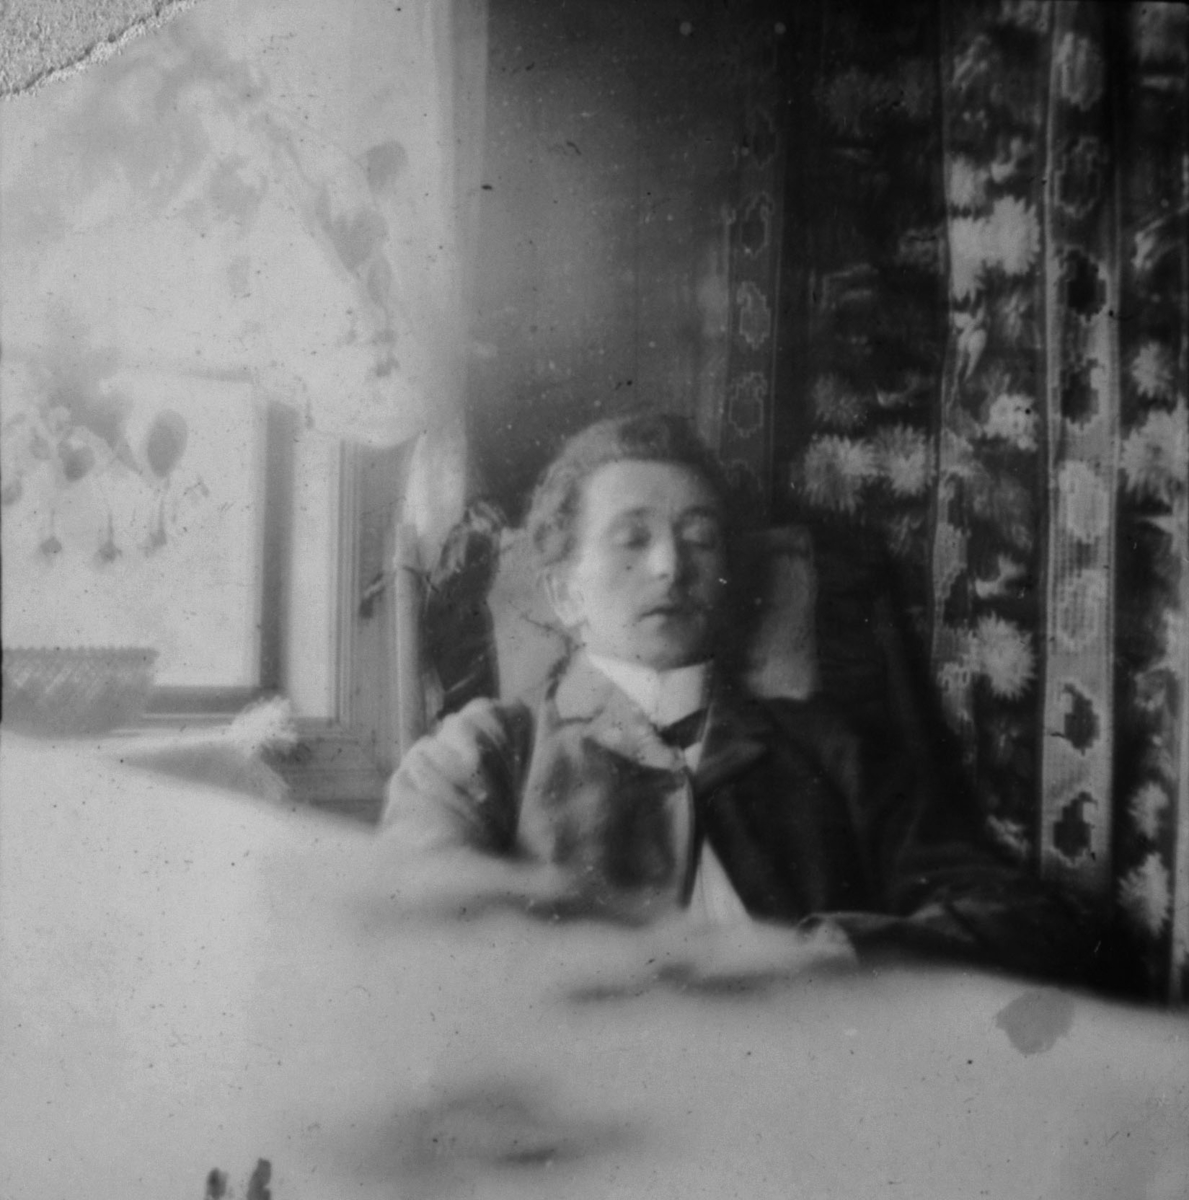 En sovende gjest 'Fossestuen' 1908.